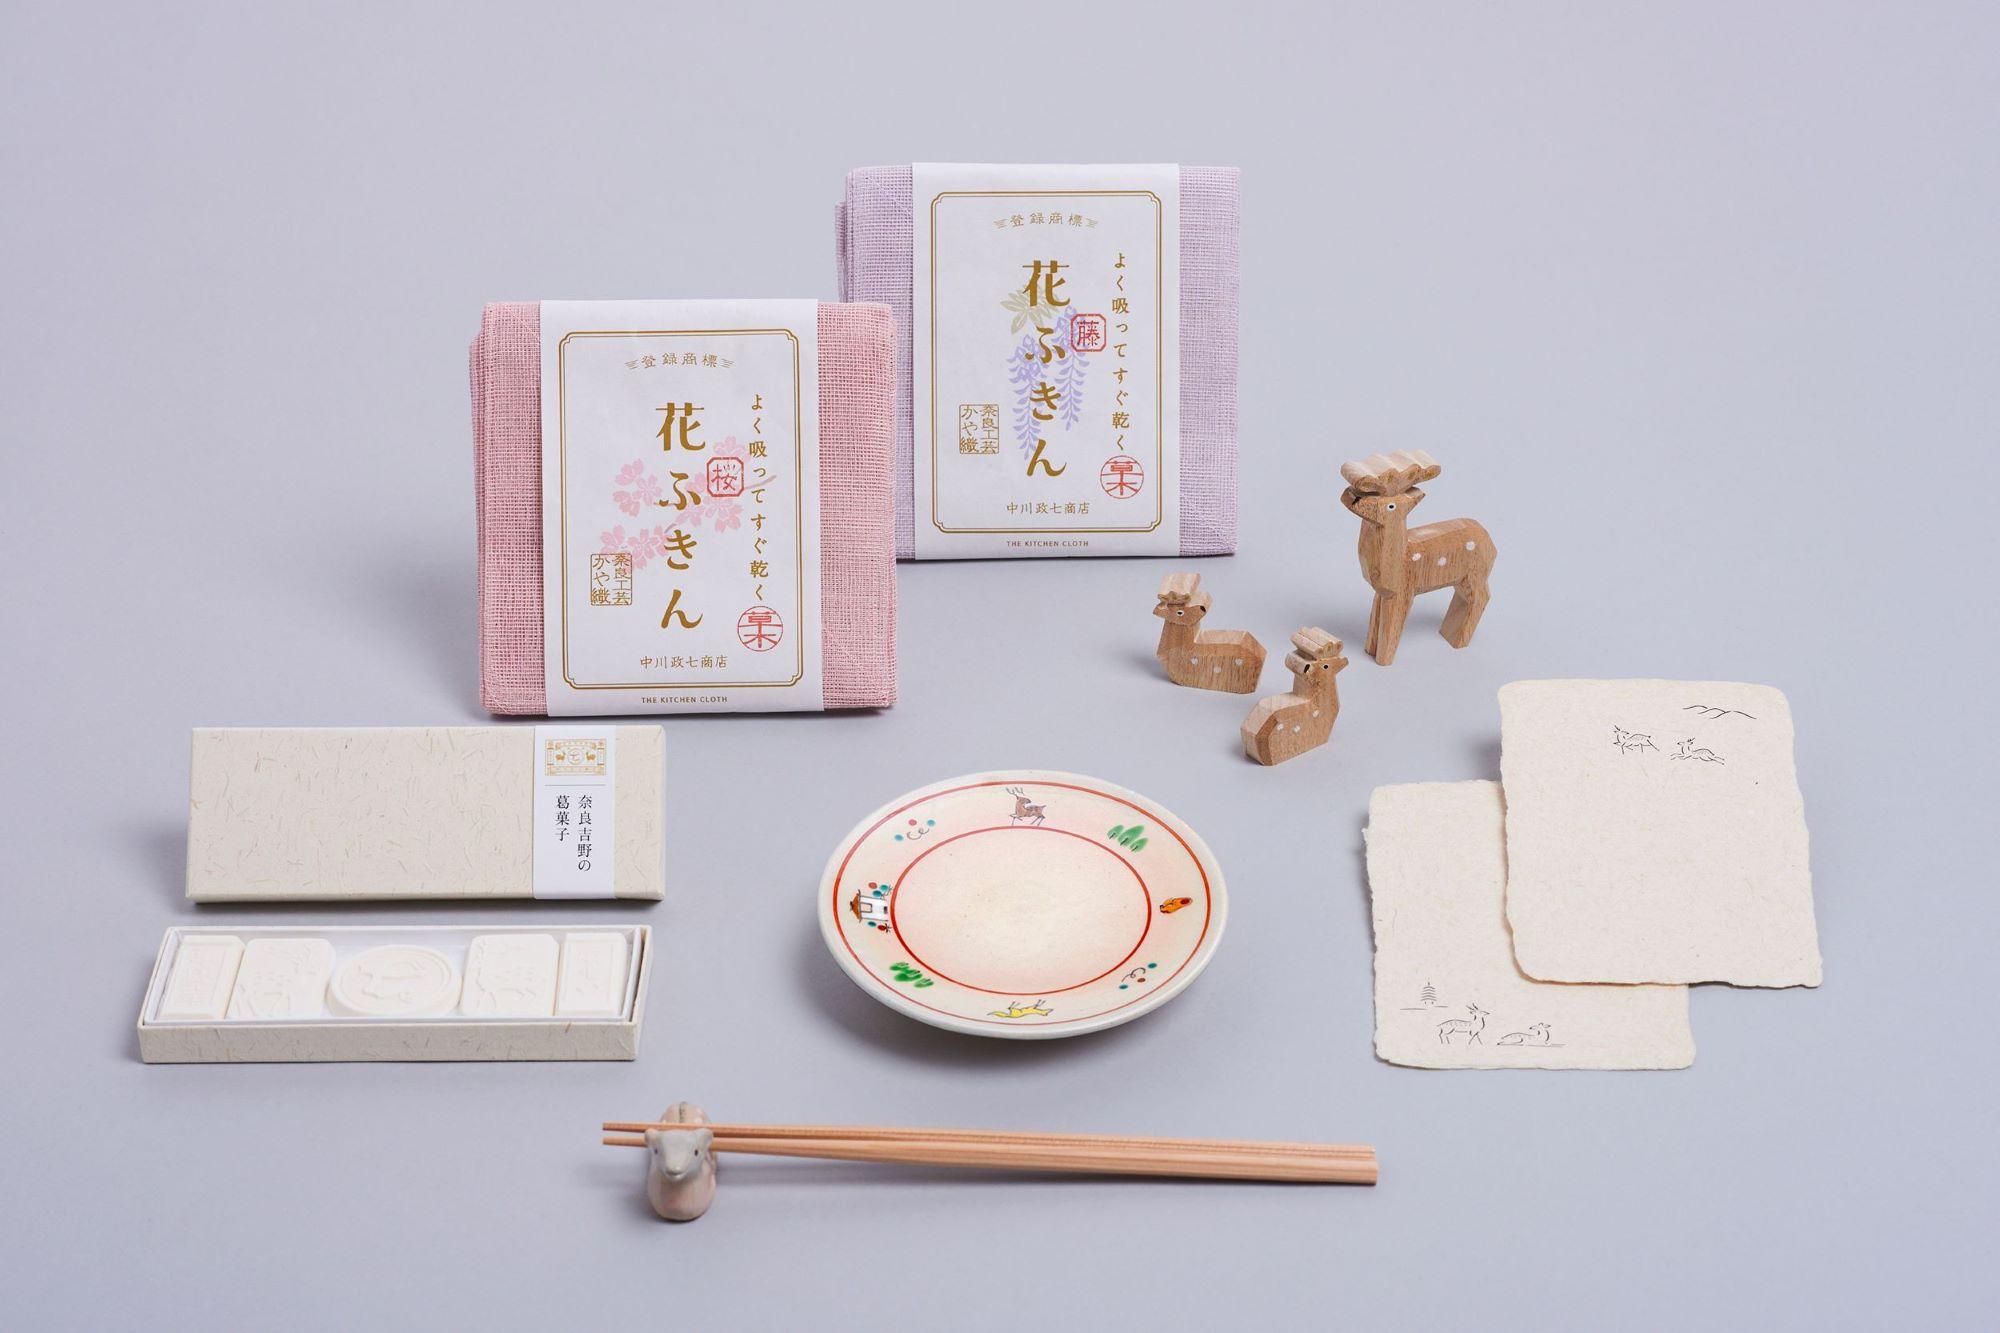 奈良本店限定の商品。